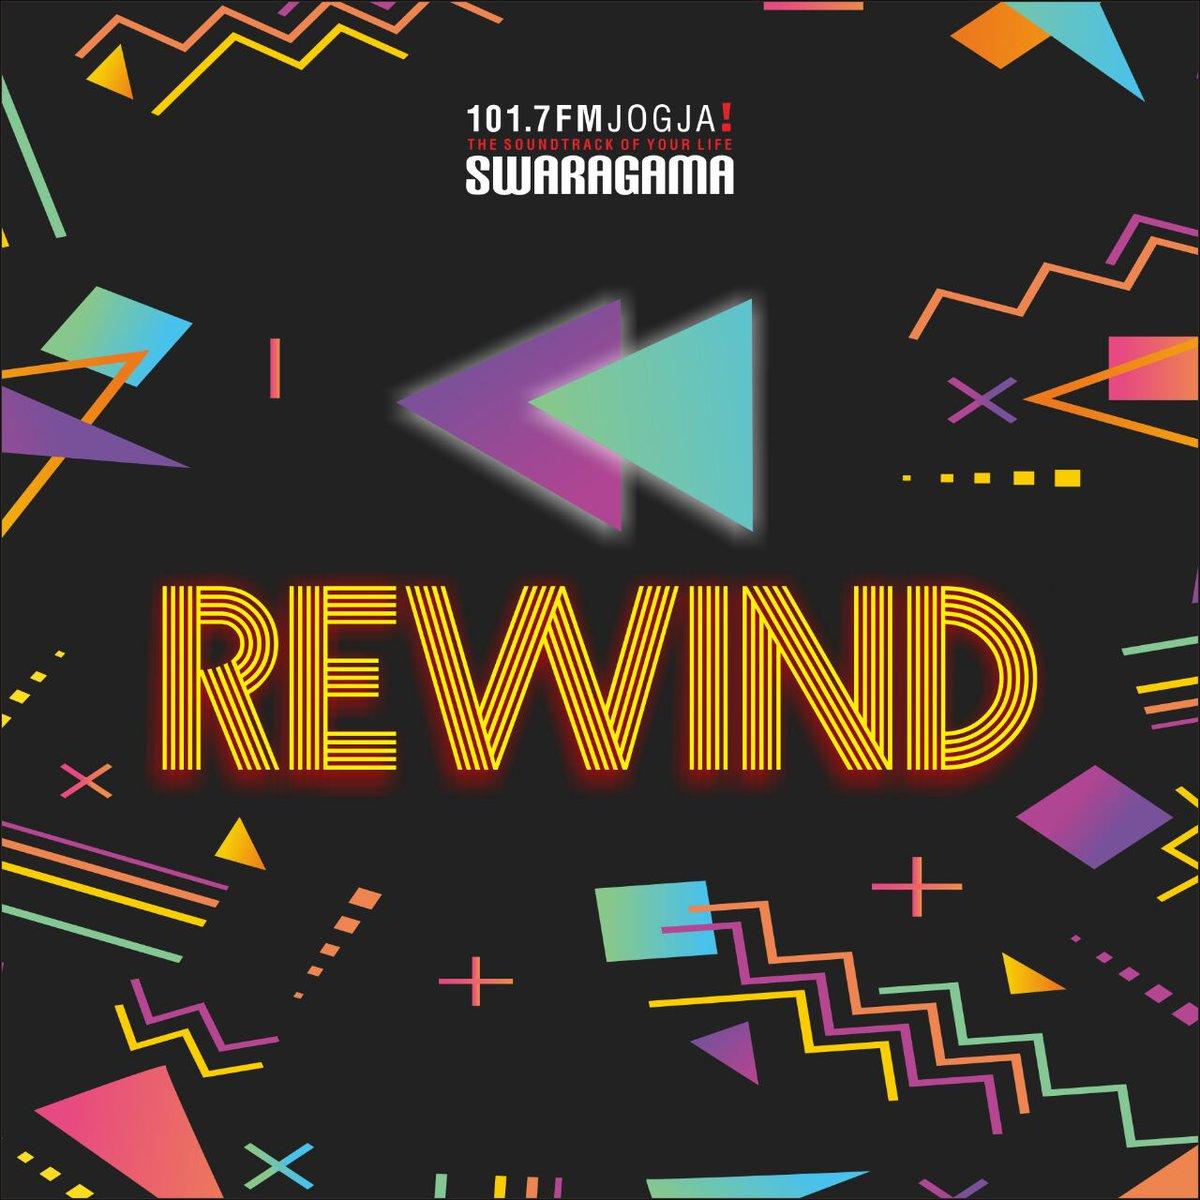 #Rewind